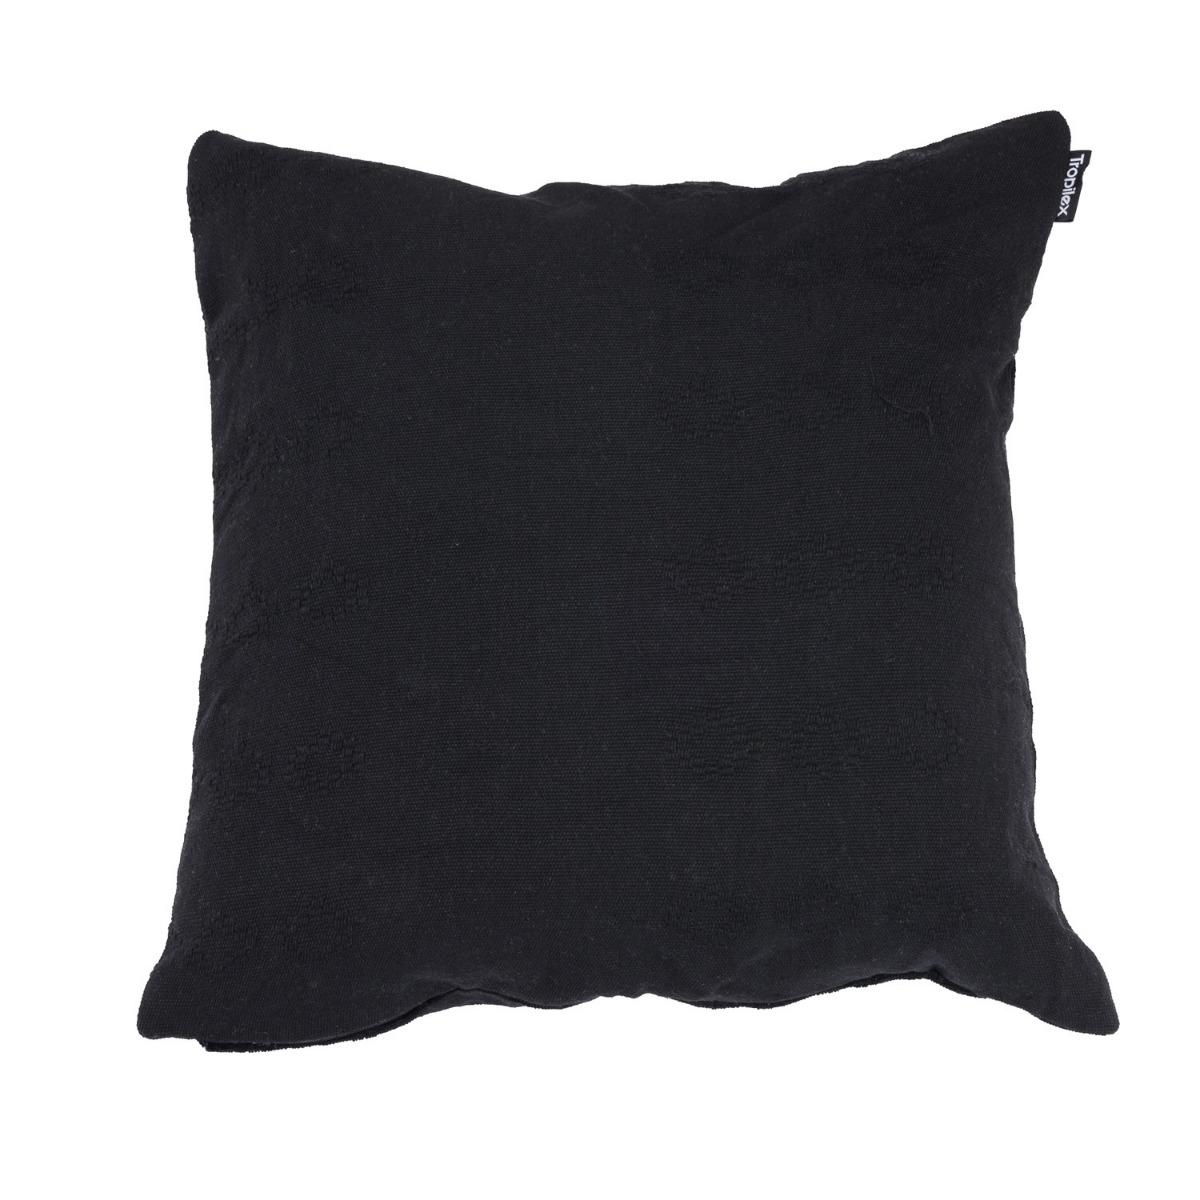 'Comfort' Black Kussentje - Zwart - Tropilex �